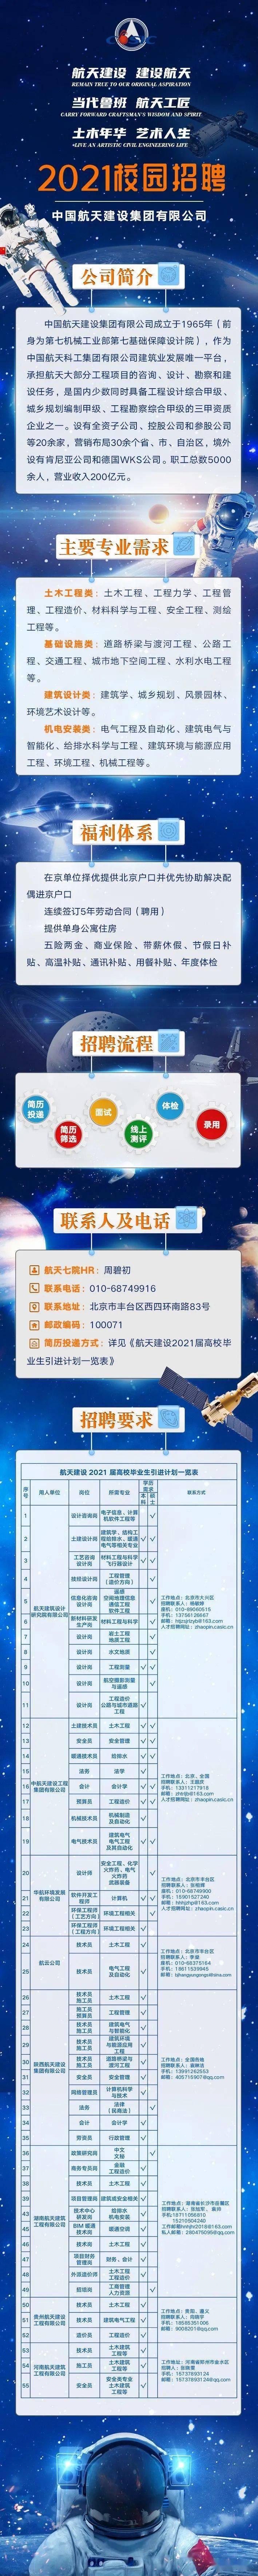 """[2021校园招聘]筑梦航天星海!航天建设的""""岗""""等着你来! 小学生共筑中国梦"""